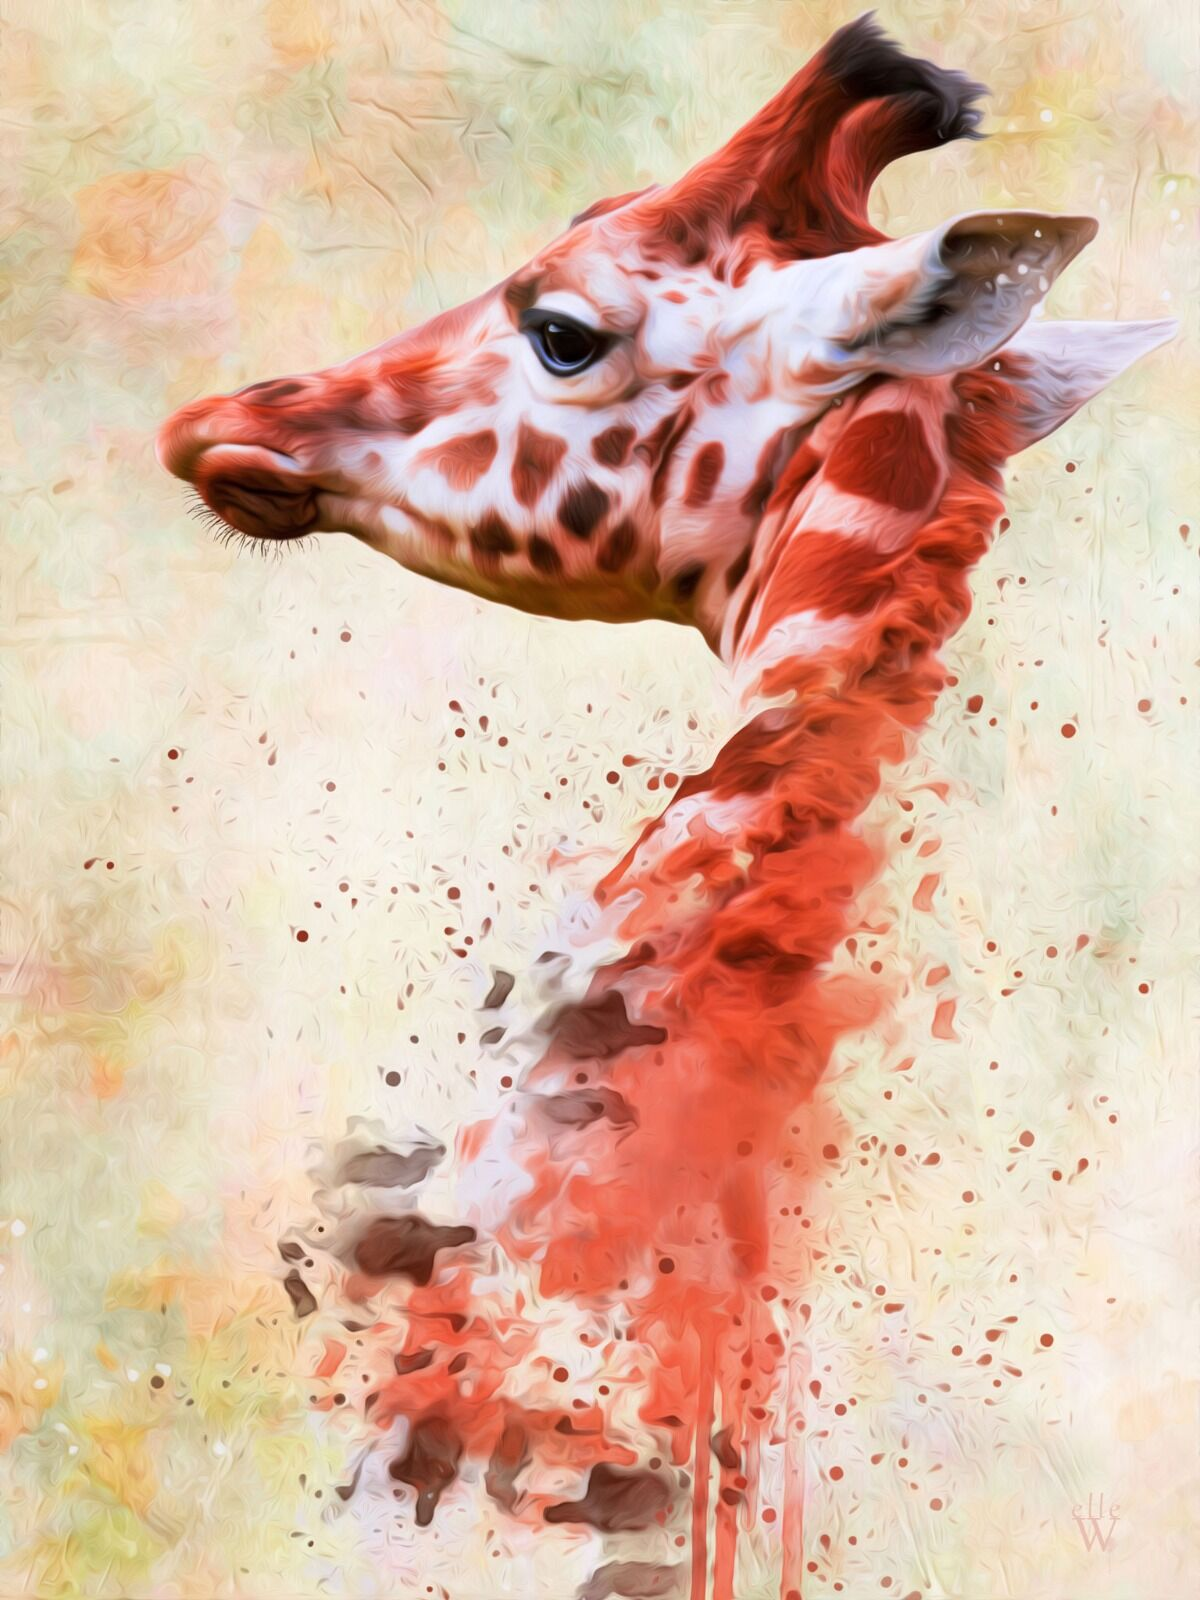 Giraffe Mixed Art Effect